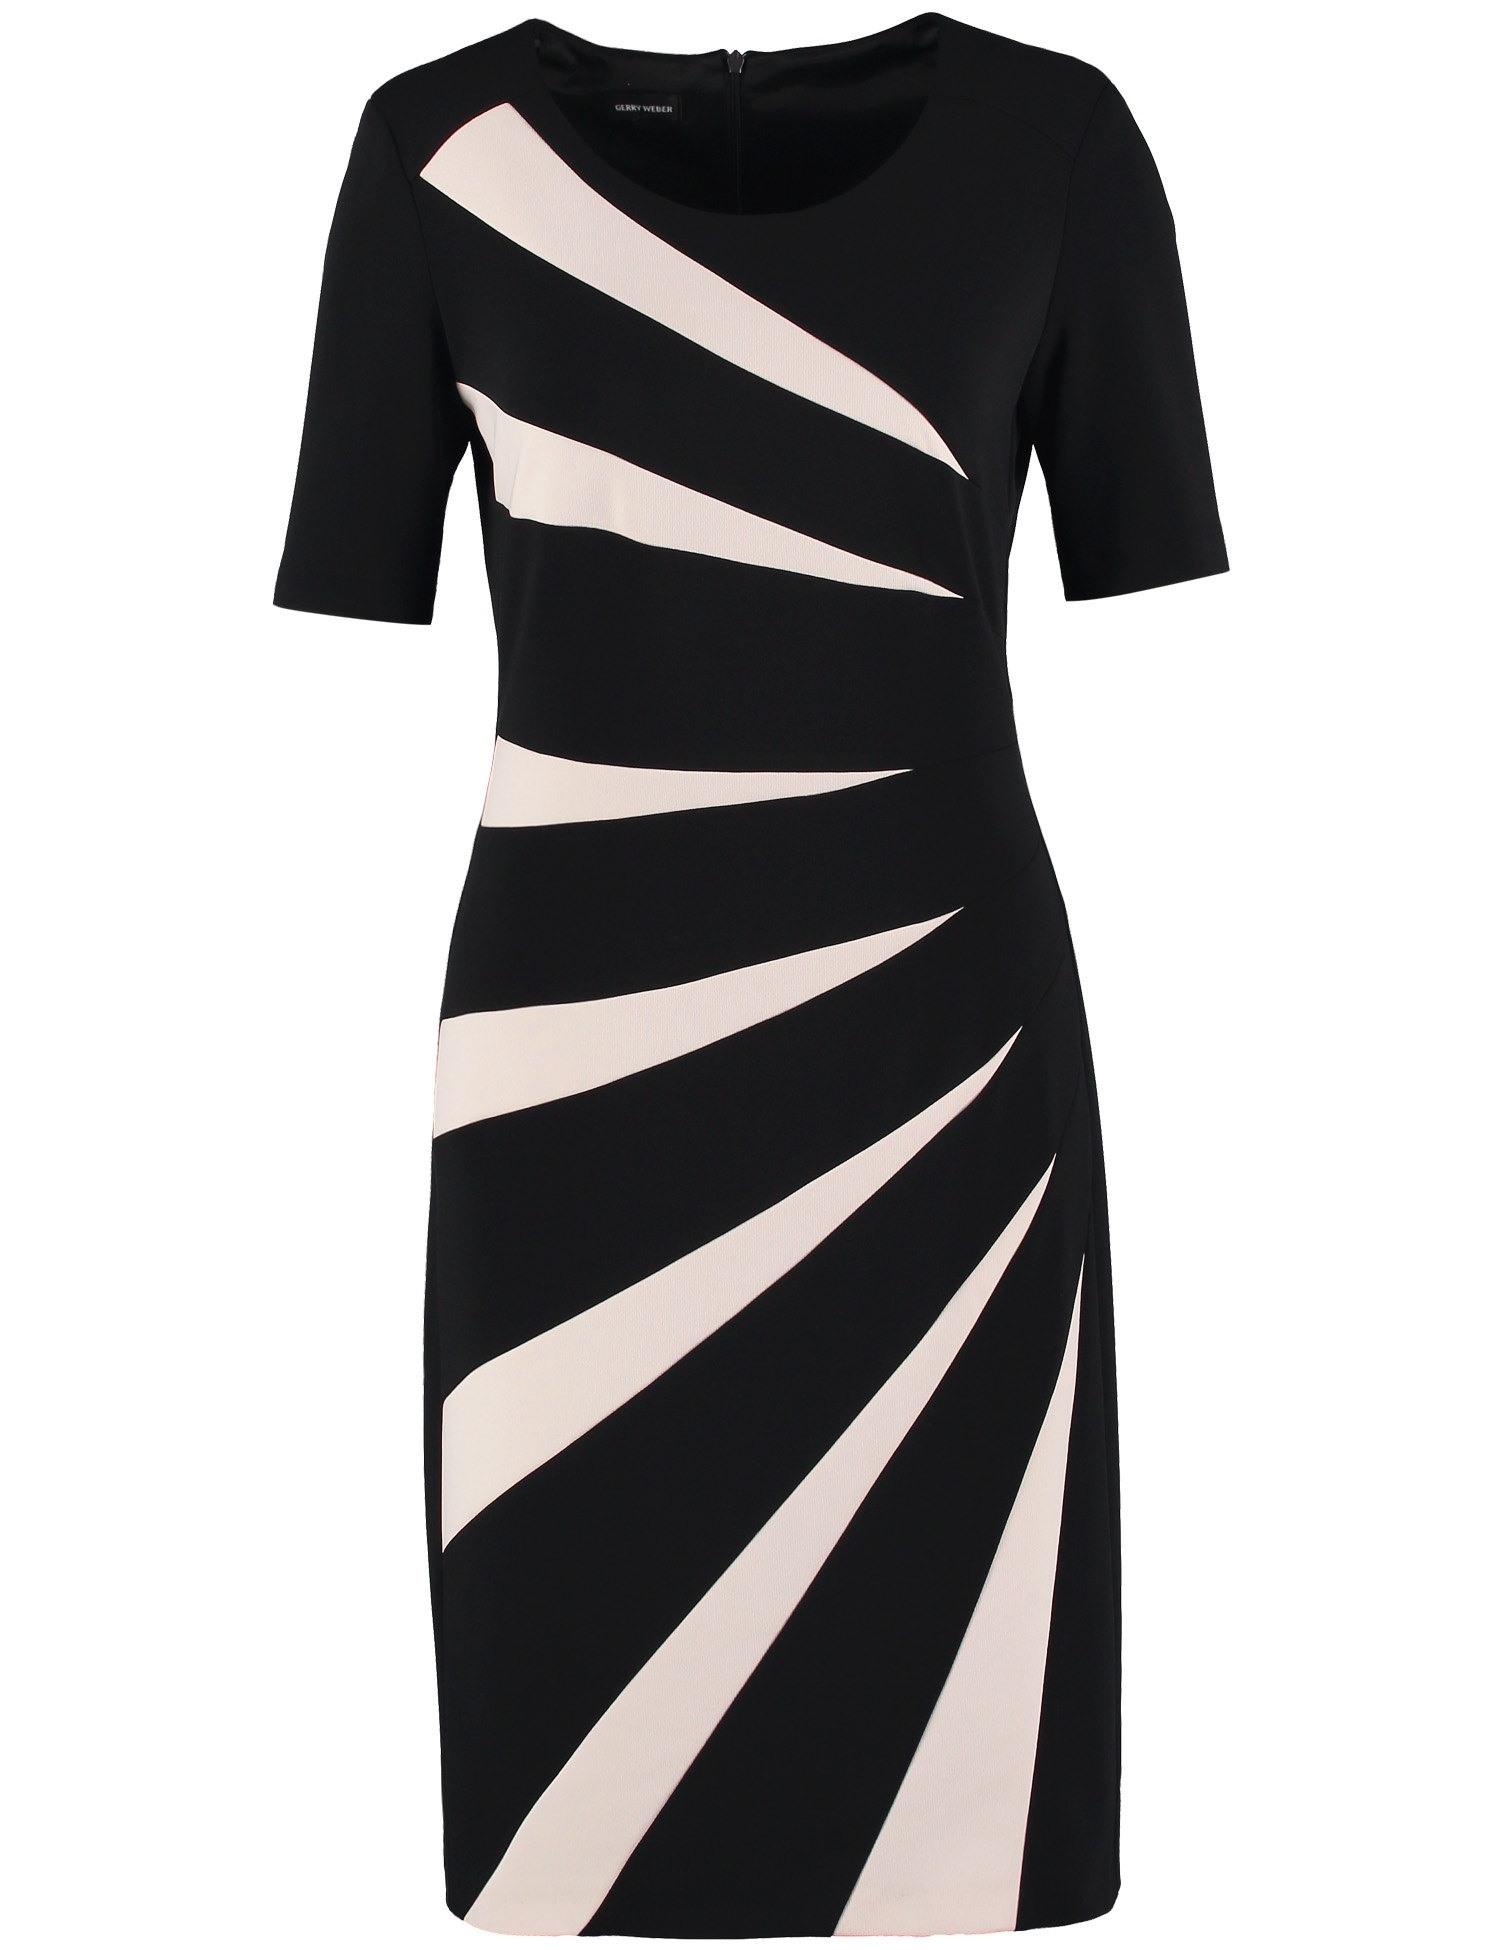 Genial Schwarz Weißes Kleid DesignFormal Leicht Schwarz Weißes Kleid Vertrieb